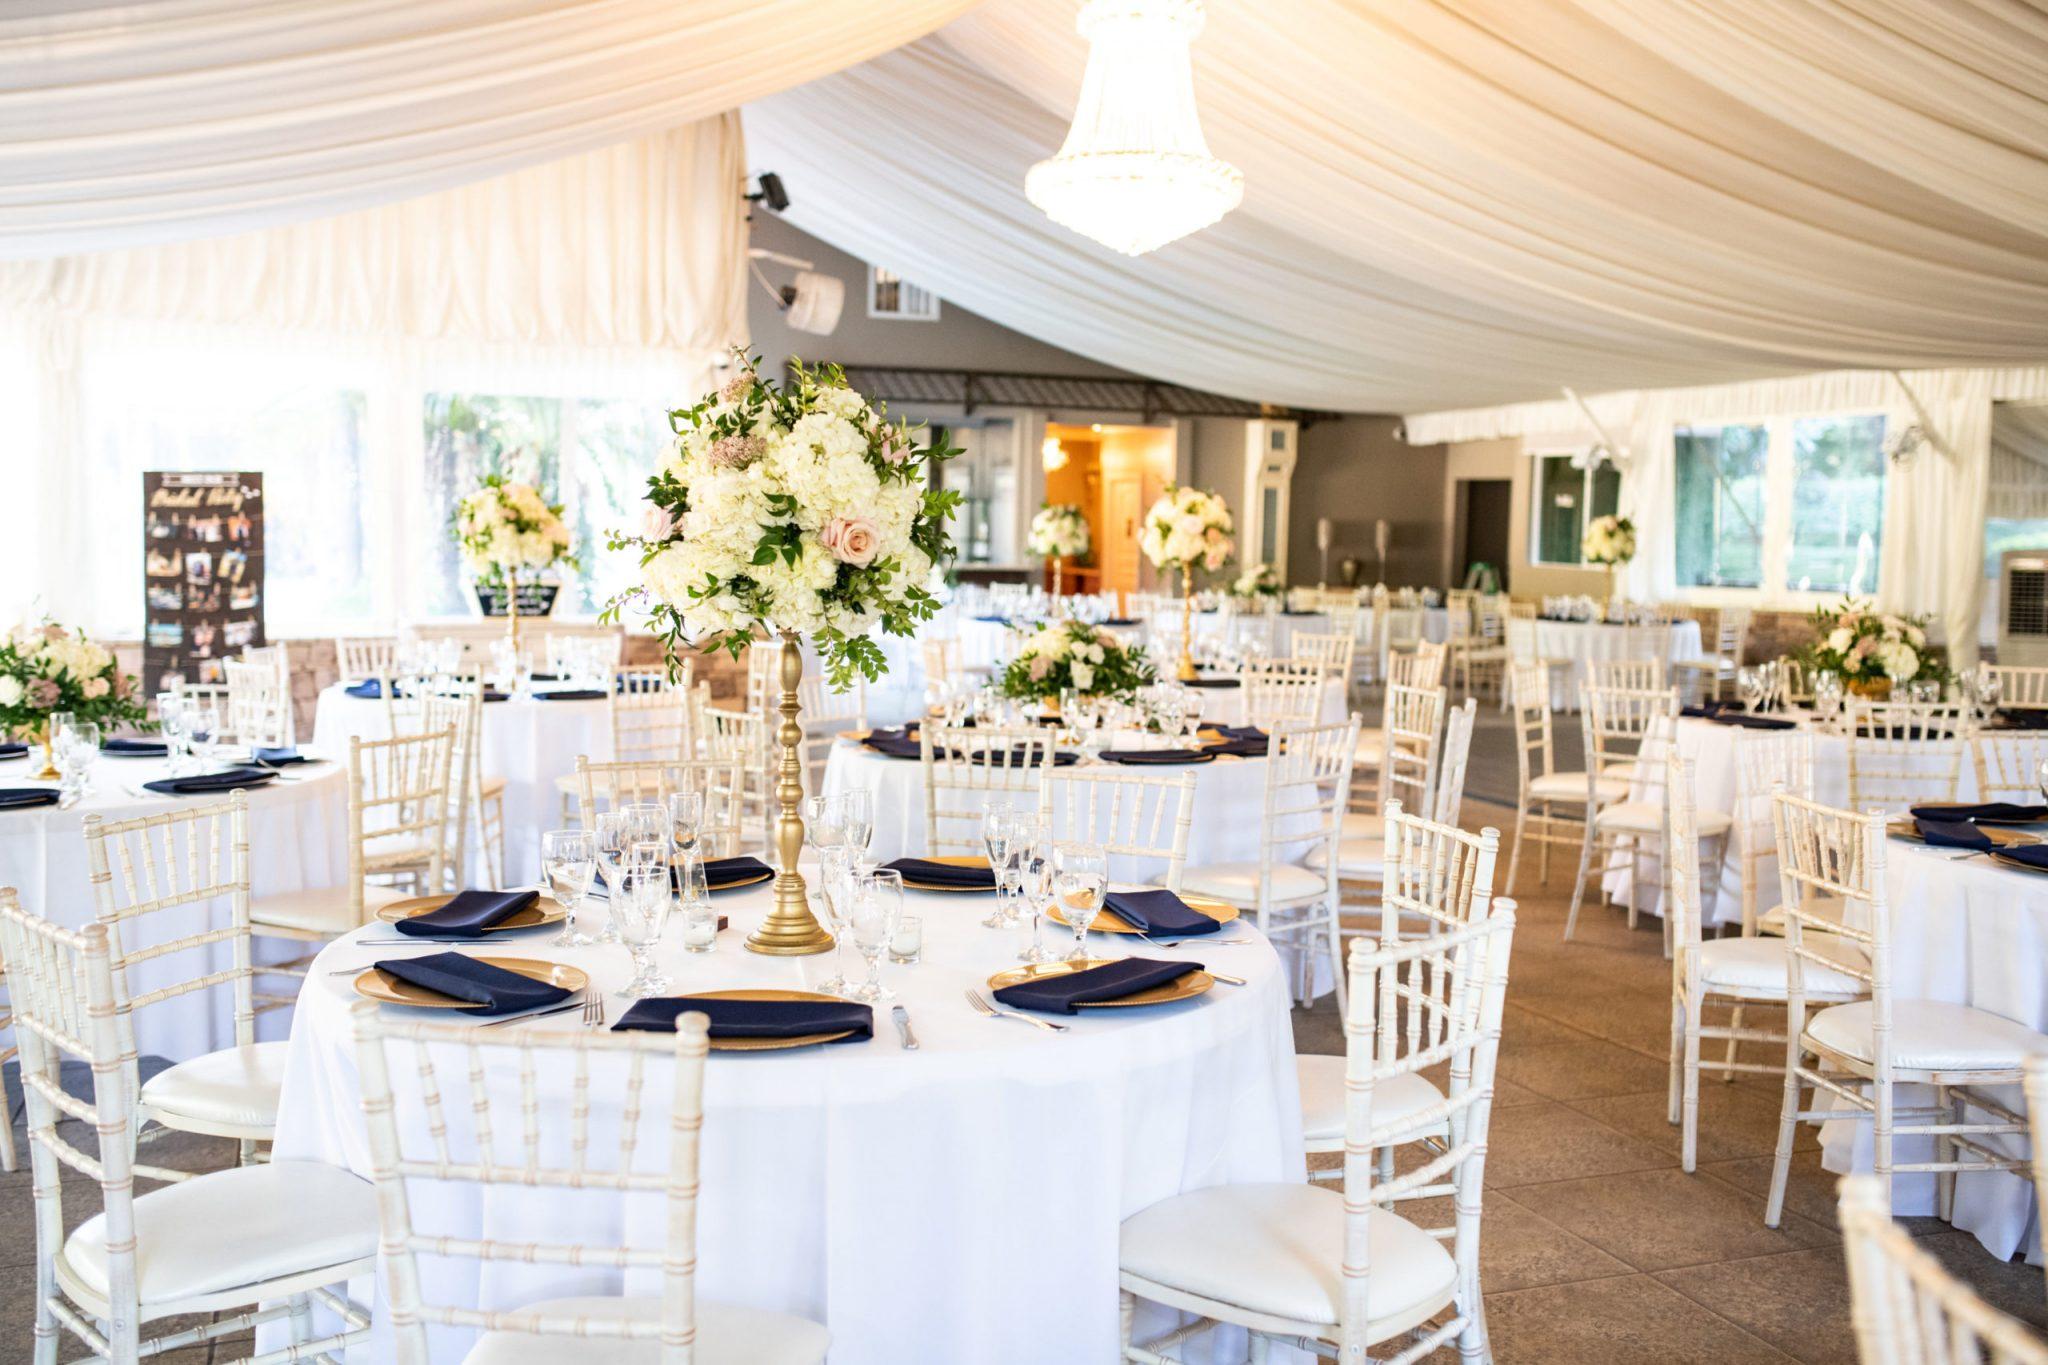 Matt Chrissy Wedding 5016 scaled